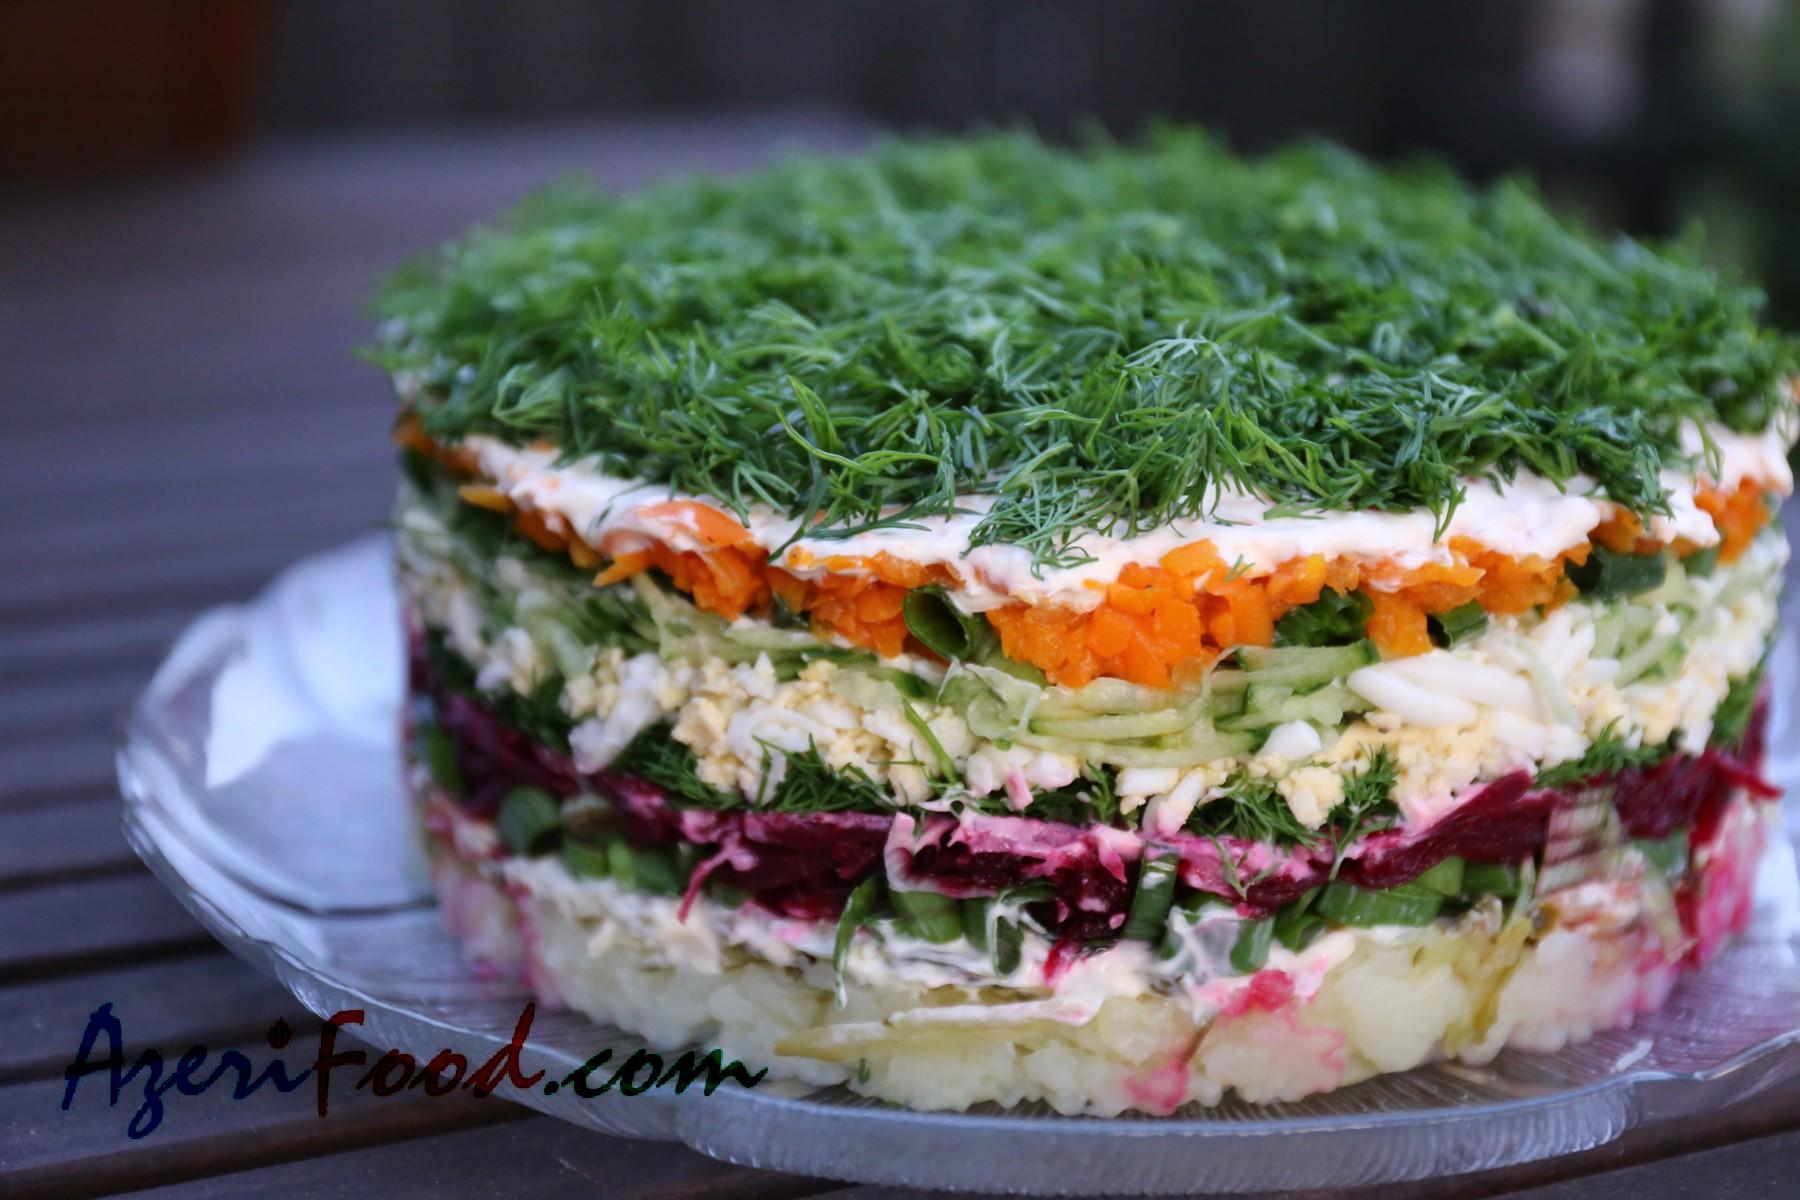 удержалась, салат южный рецепт с фото преображение певицы связано